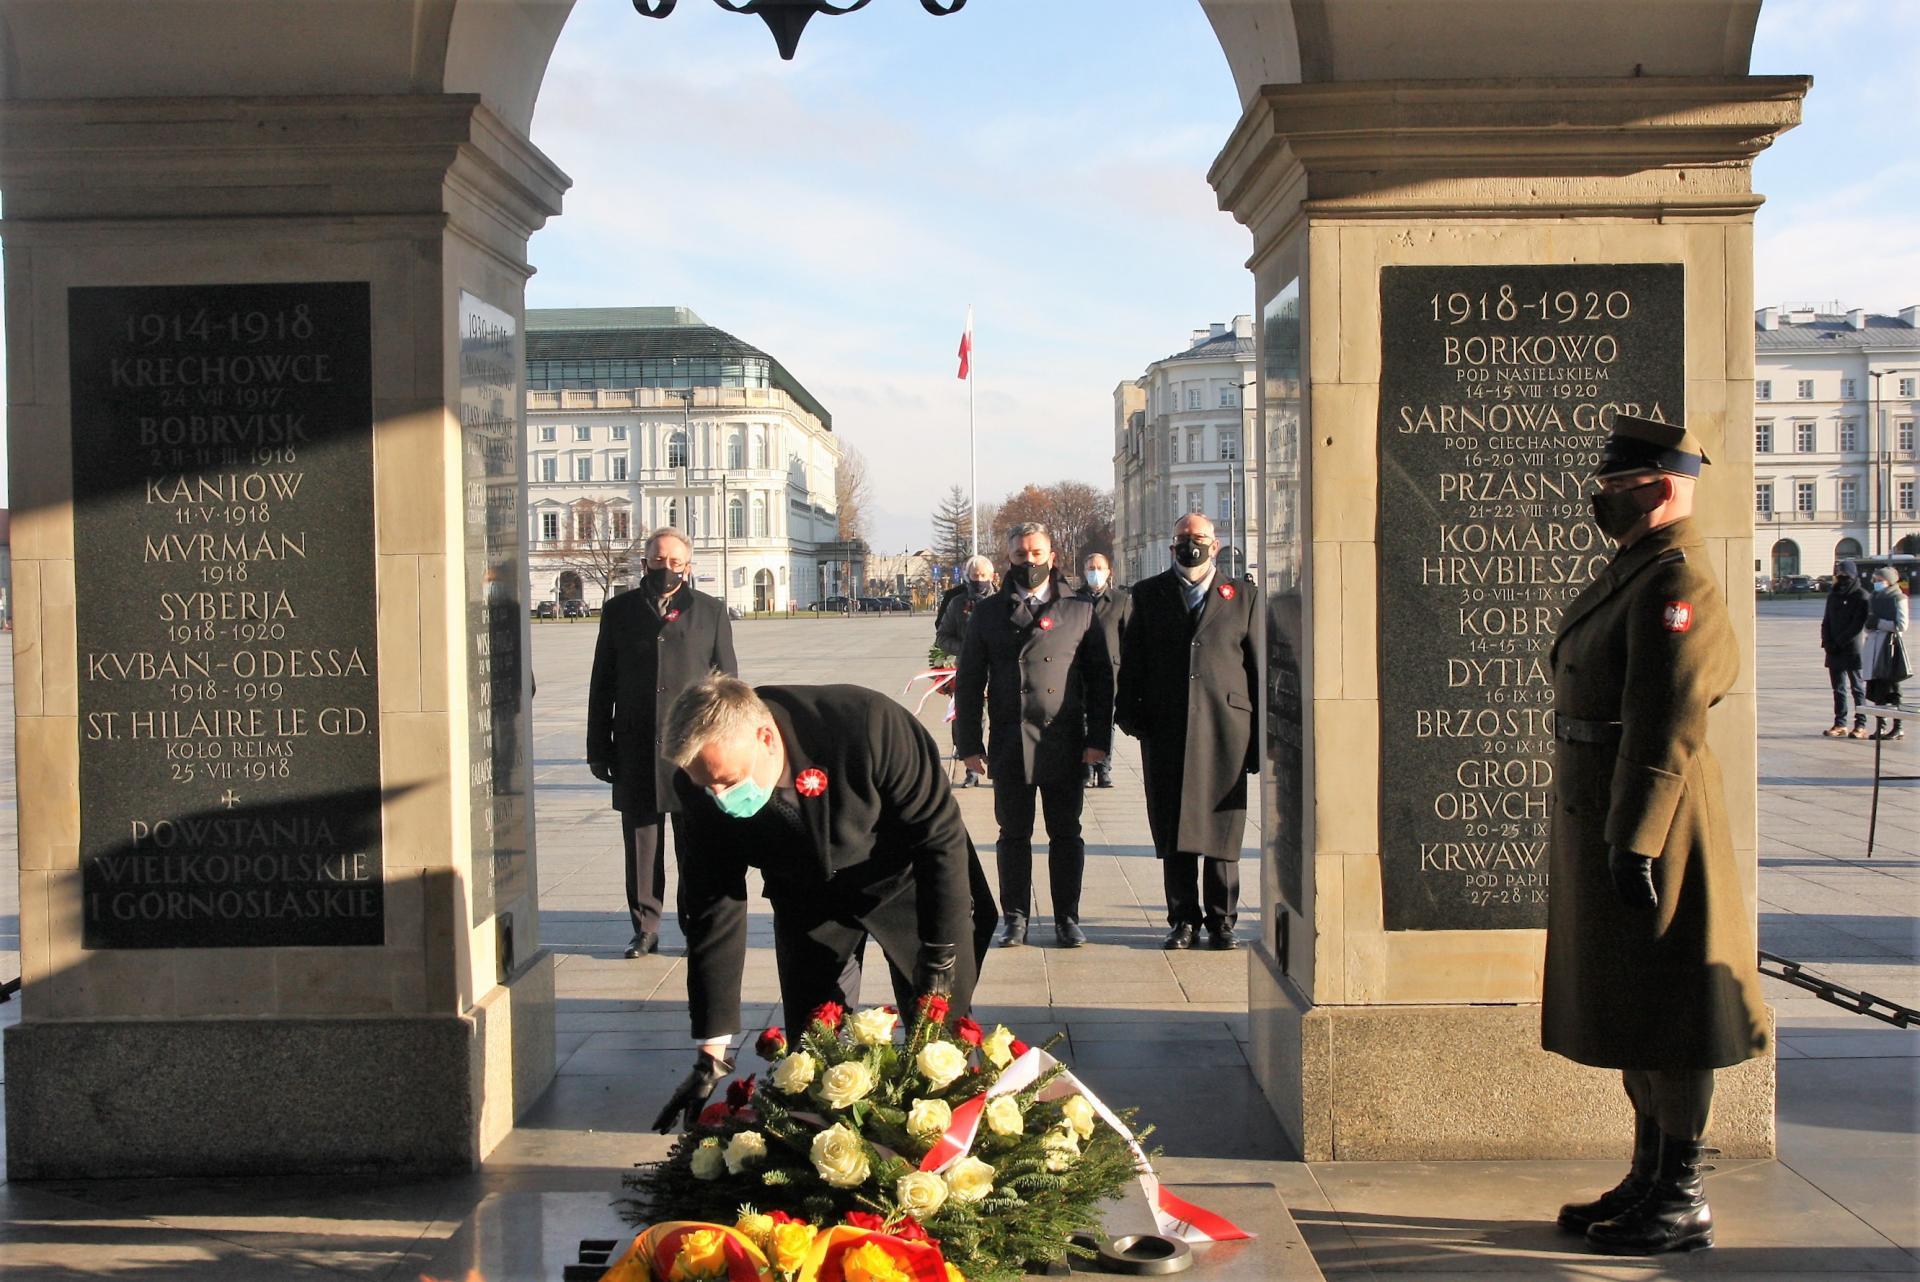 Marszałek Marek Woźniak uczcił w Warszawie 102. rocznicę wybuchu Powstania Wielkopolskiego 1918/1919 - zobacz więcej